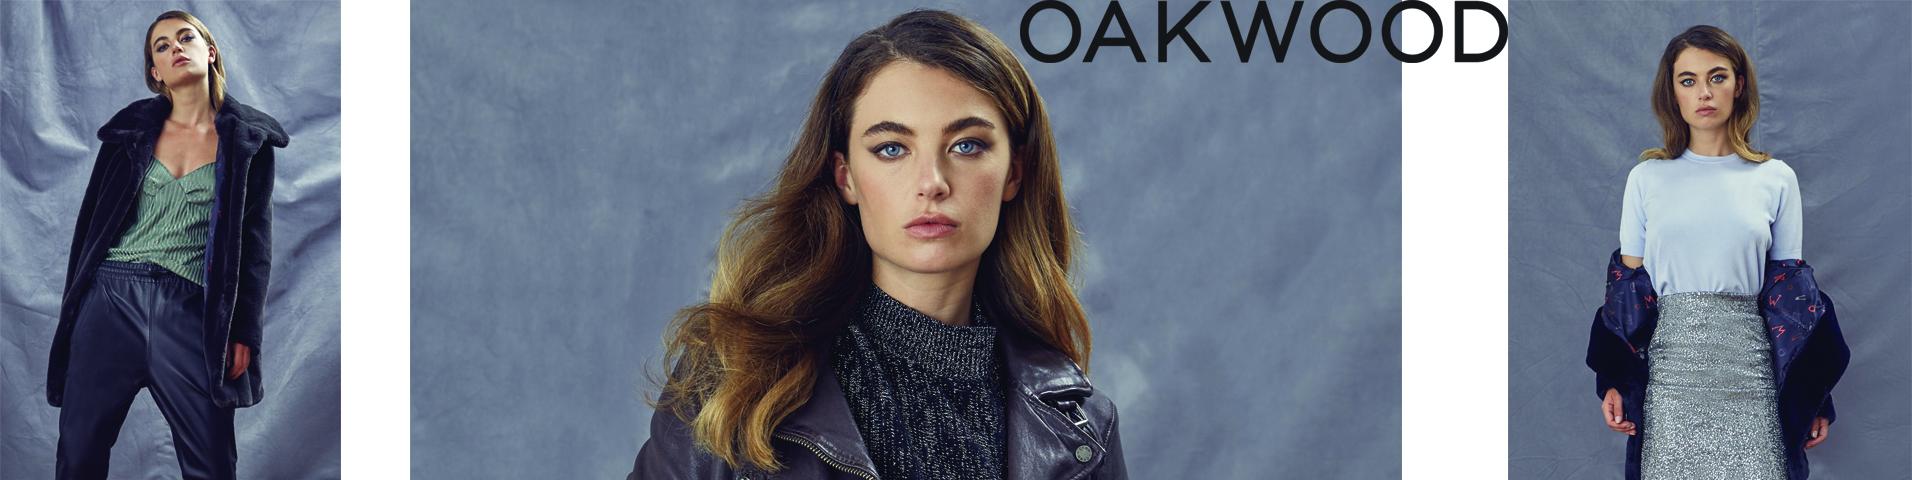 Oakwood Online Shop   Oakwood online bestellen bei Zalando 68f9a575ff